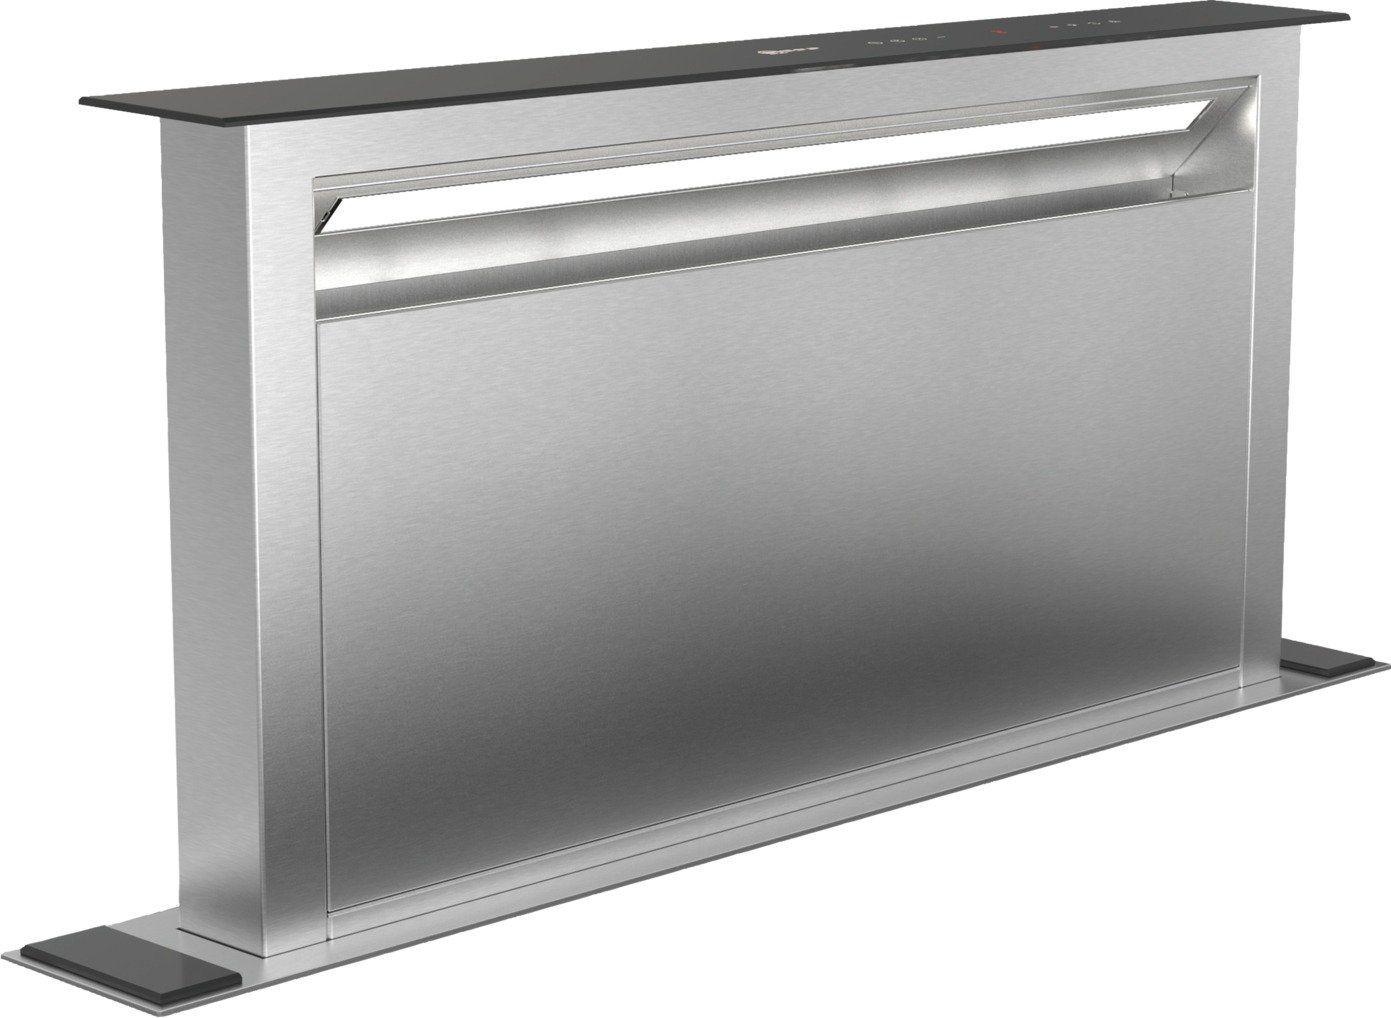 Neff I99l59n0 Ab 1 117 00 Preisvergleich Bei Idealo De Cooker Hoods Integrated Cooker Hoods Integrated Cooker